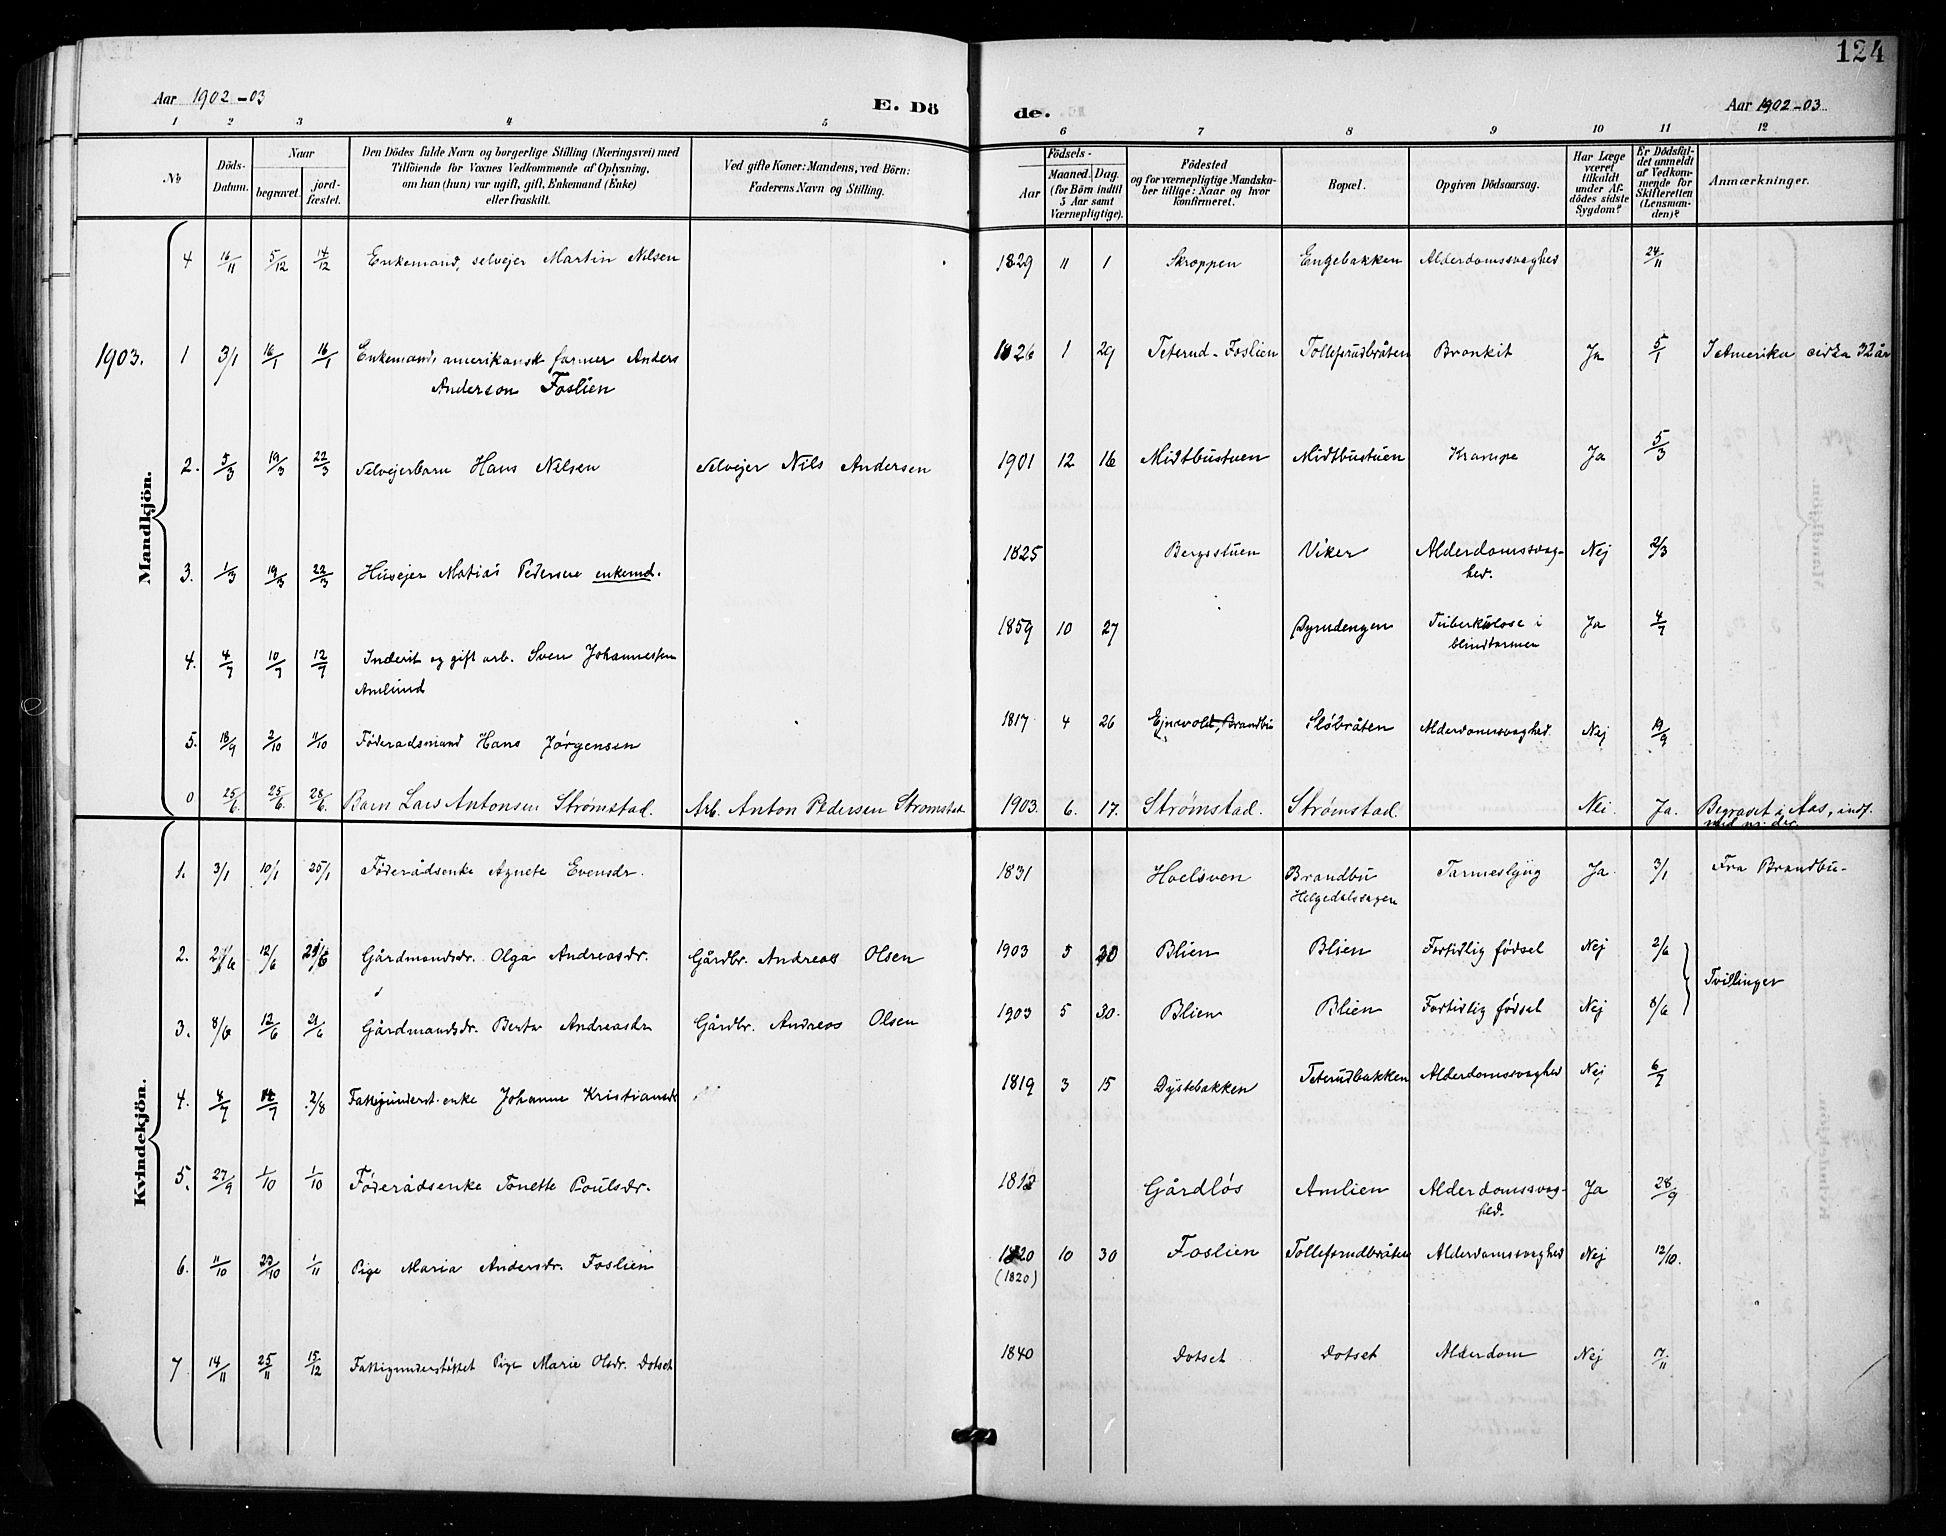 SAH, Vestre Toten prestekontor, Klokkerbok nr. 16, 1901-1915, s. 124